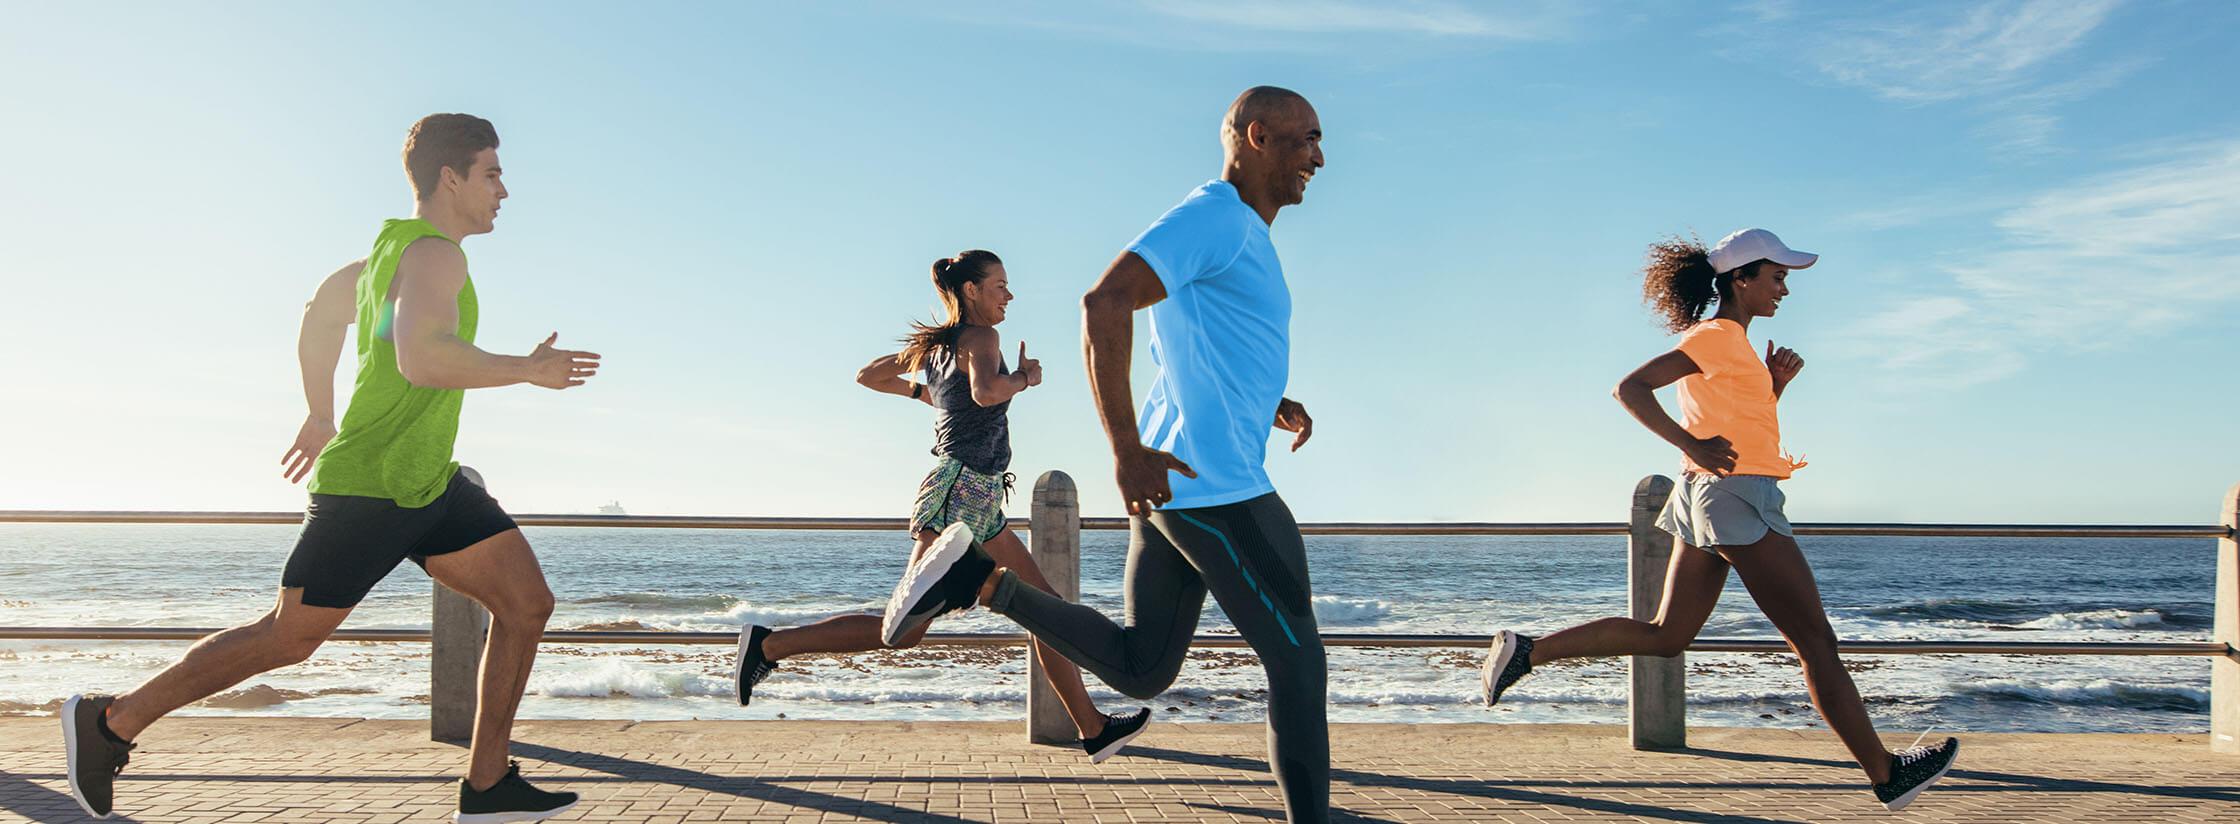 4 personnes faisant un jogging au bord de la mer